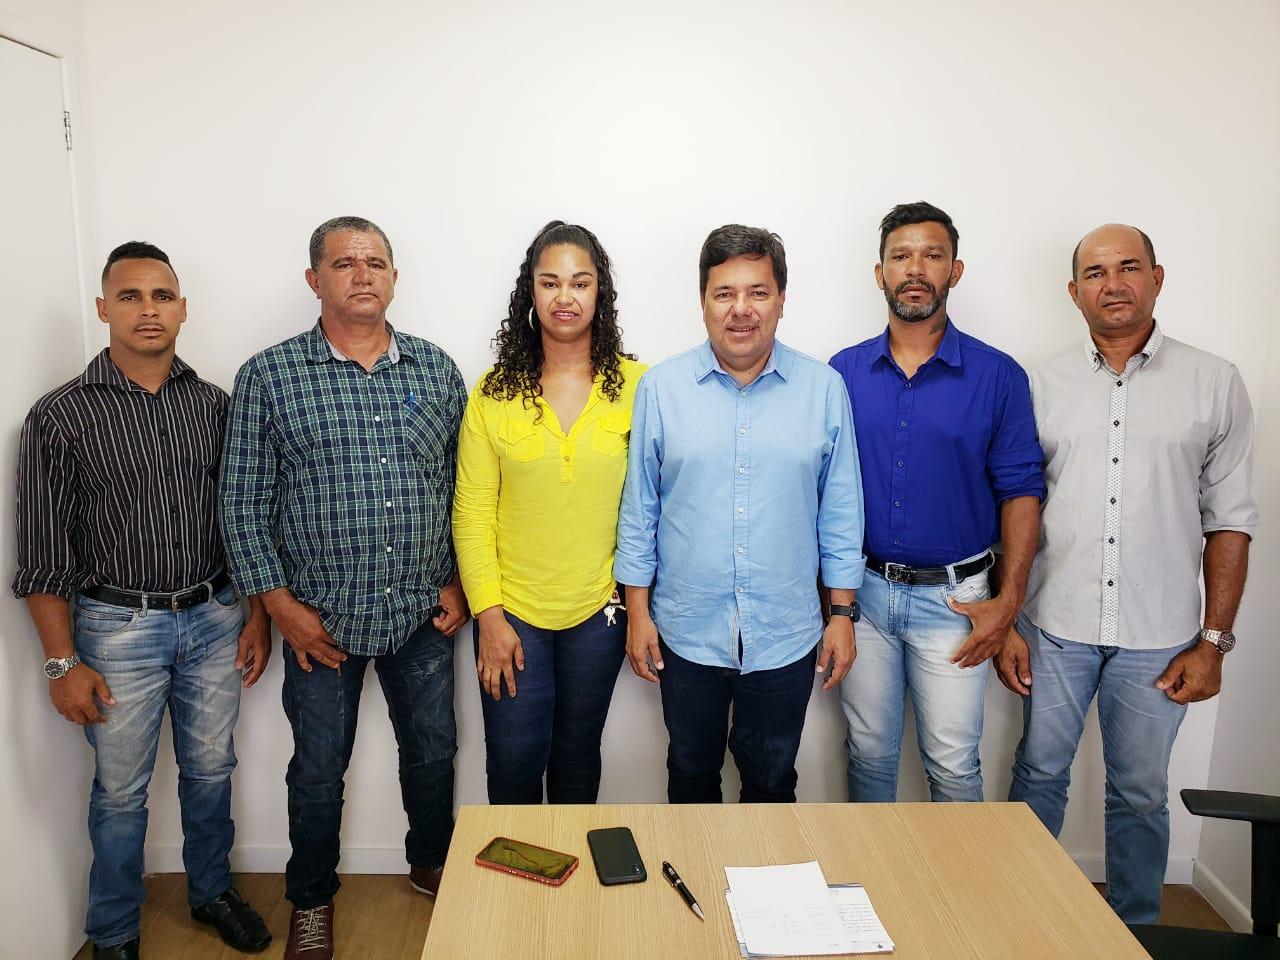 DEM lança primeira pré-candidatura popular coletiva para vereador do Recife